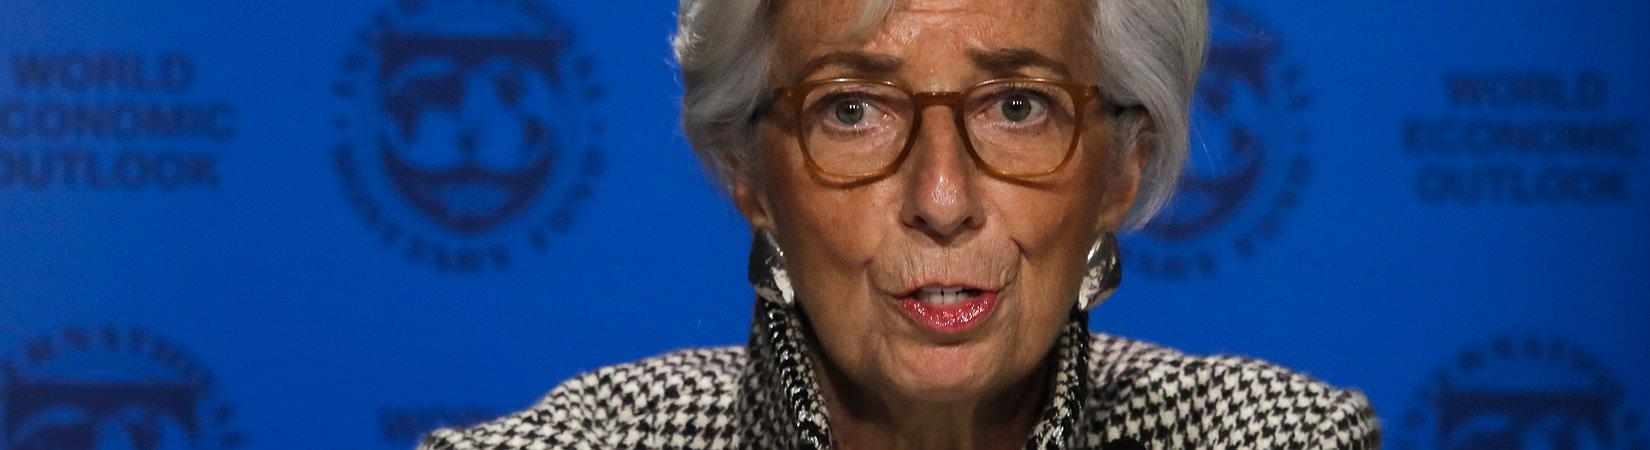 FMI quer regulamentação internacional das operações com criptomoedas